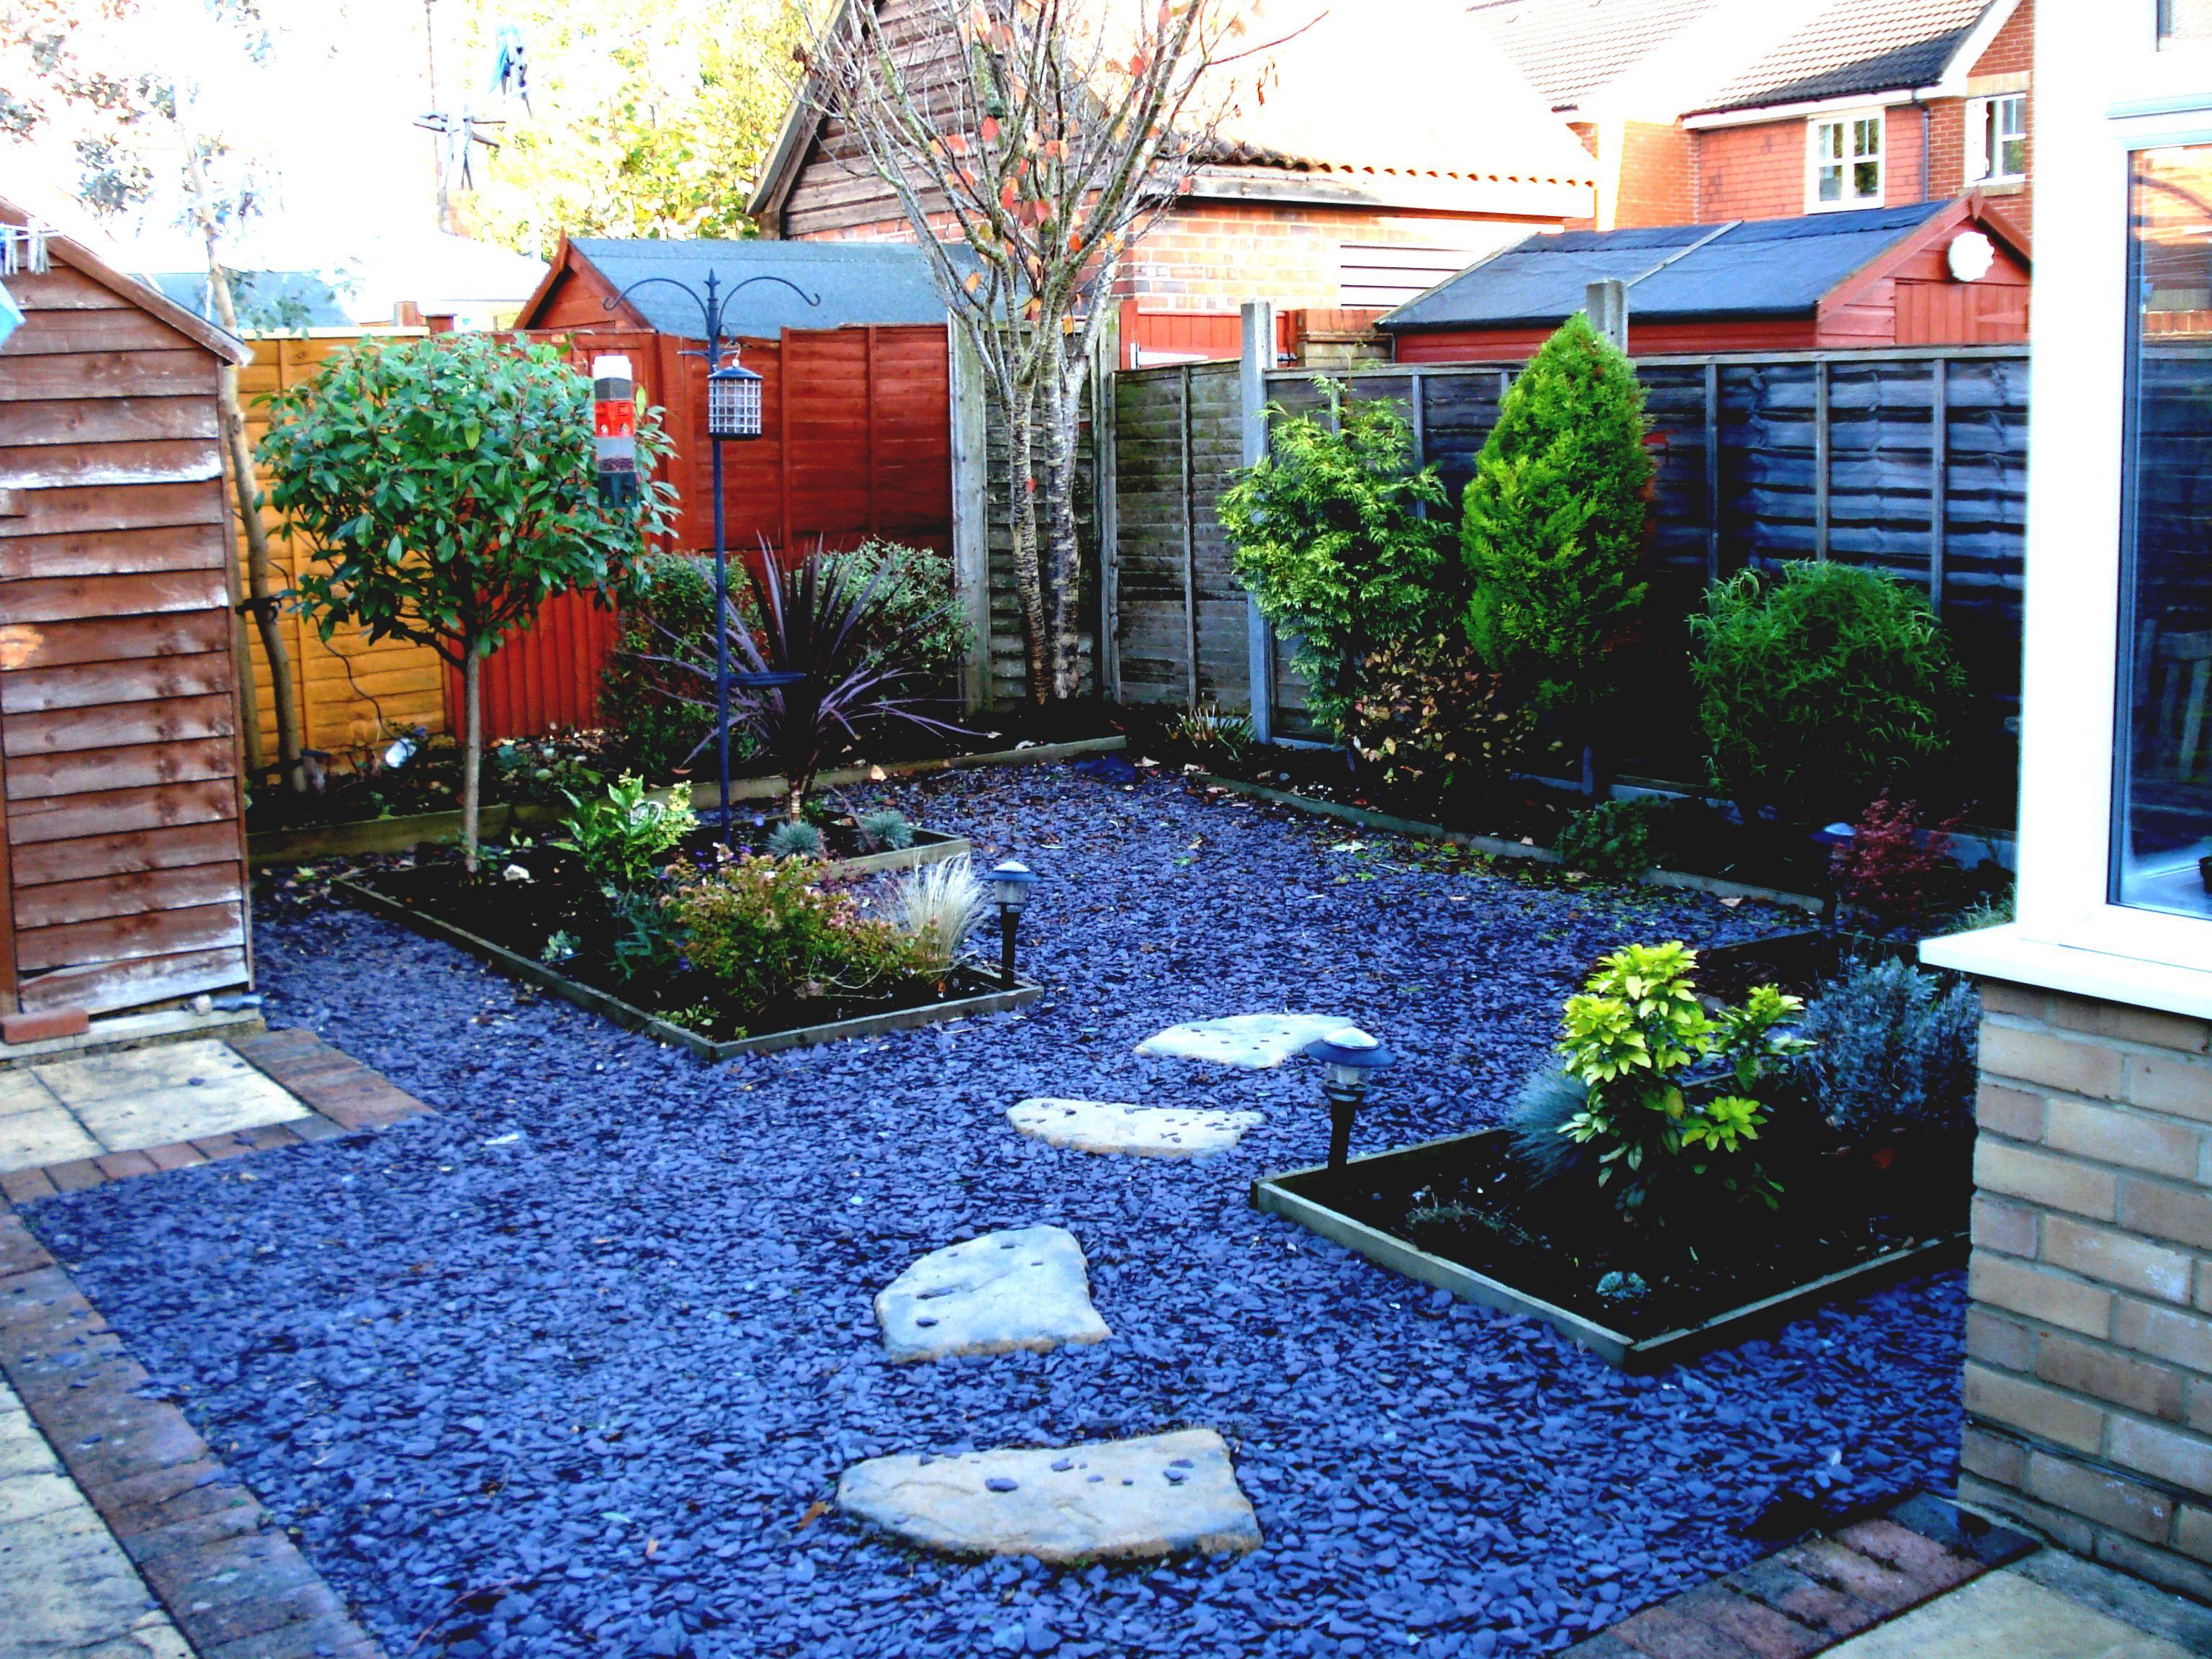 Fantastisch Hinterhof Ideen, Ohne Gras Kleine Landschaftsbau Amys Büro Modern  #Gartendeko